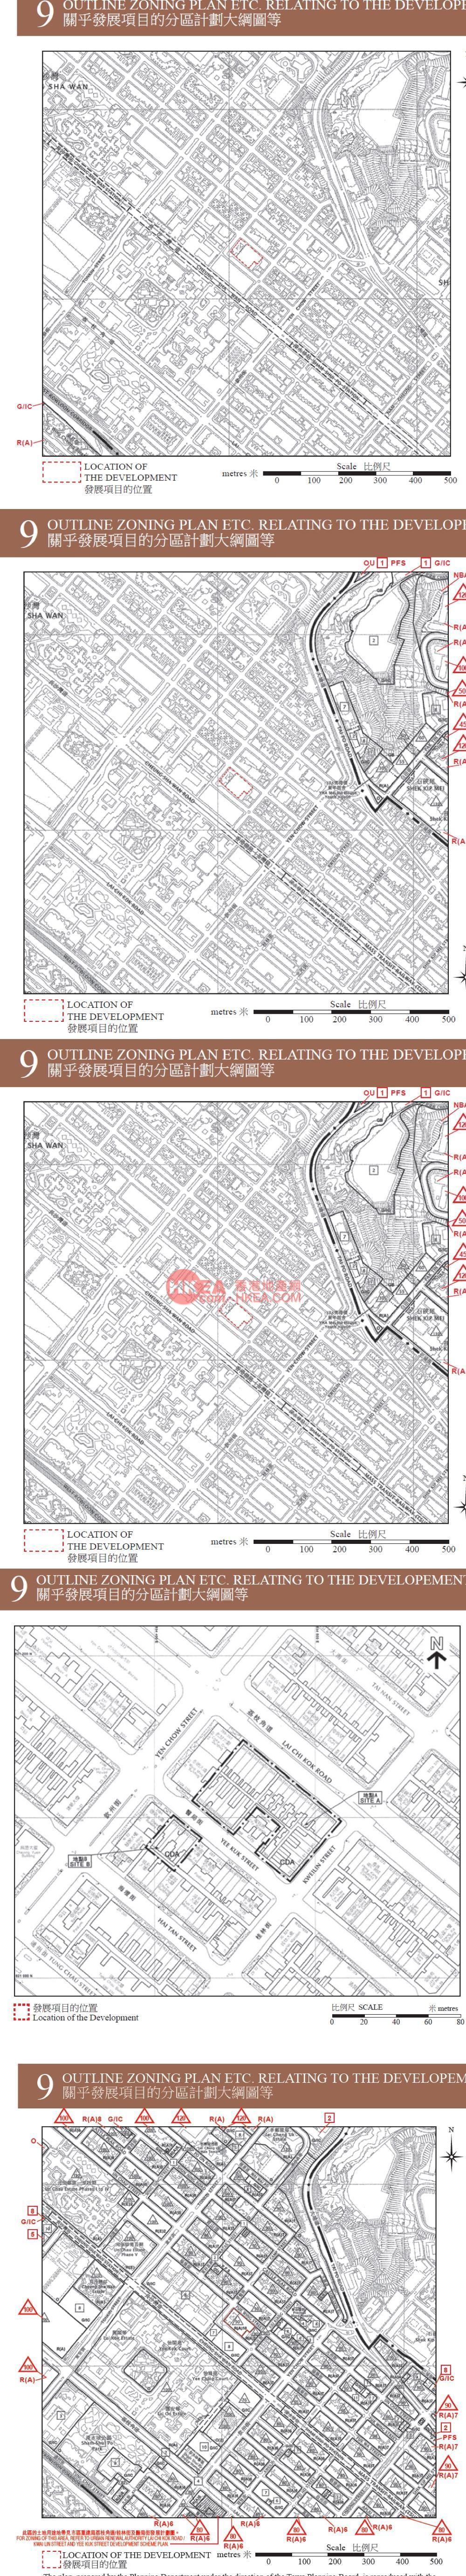 深水埗 THE CAMPTON 1B規劃圖